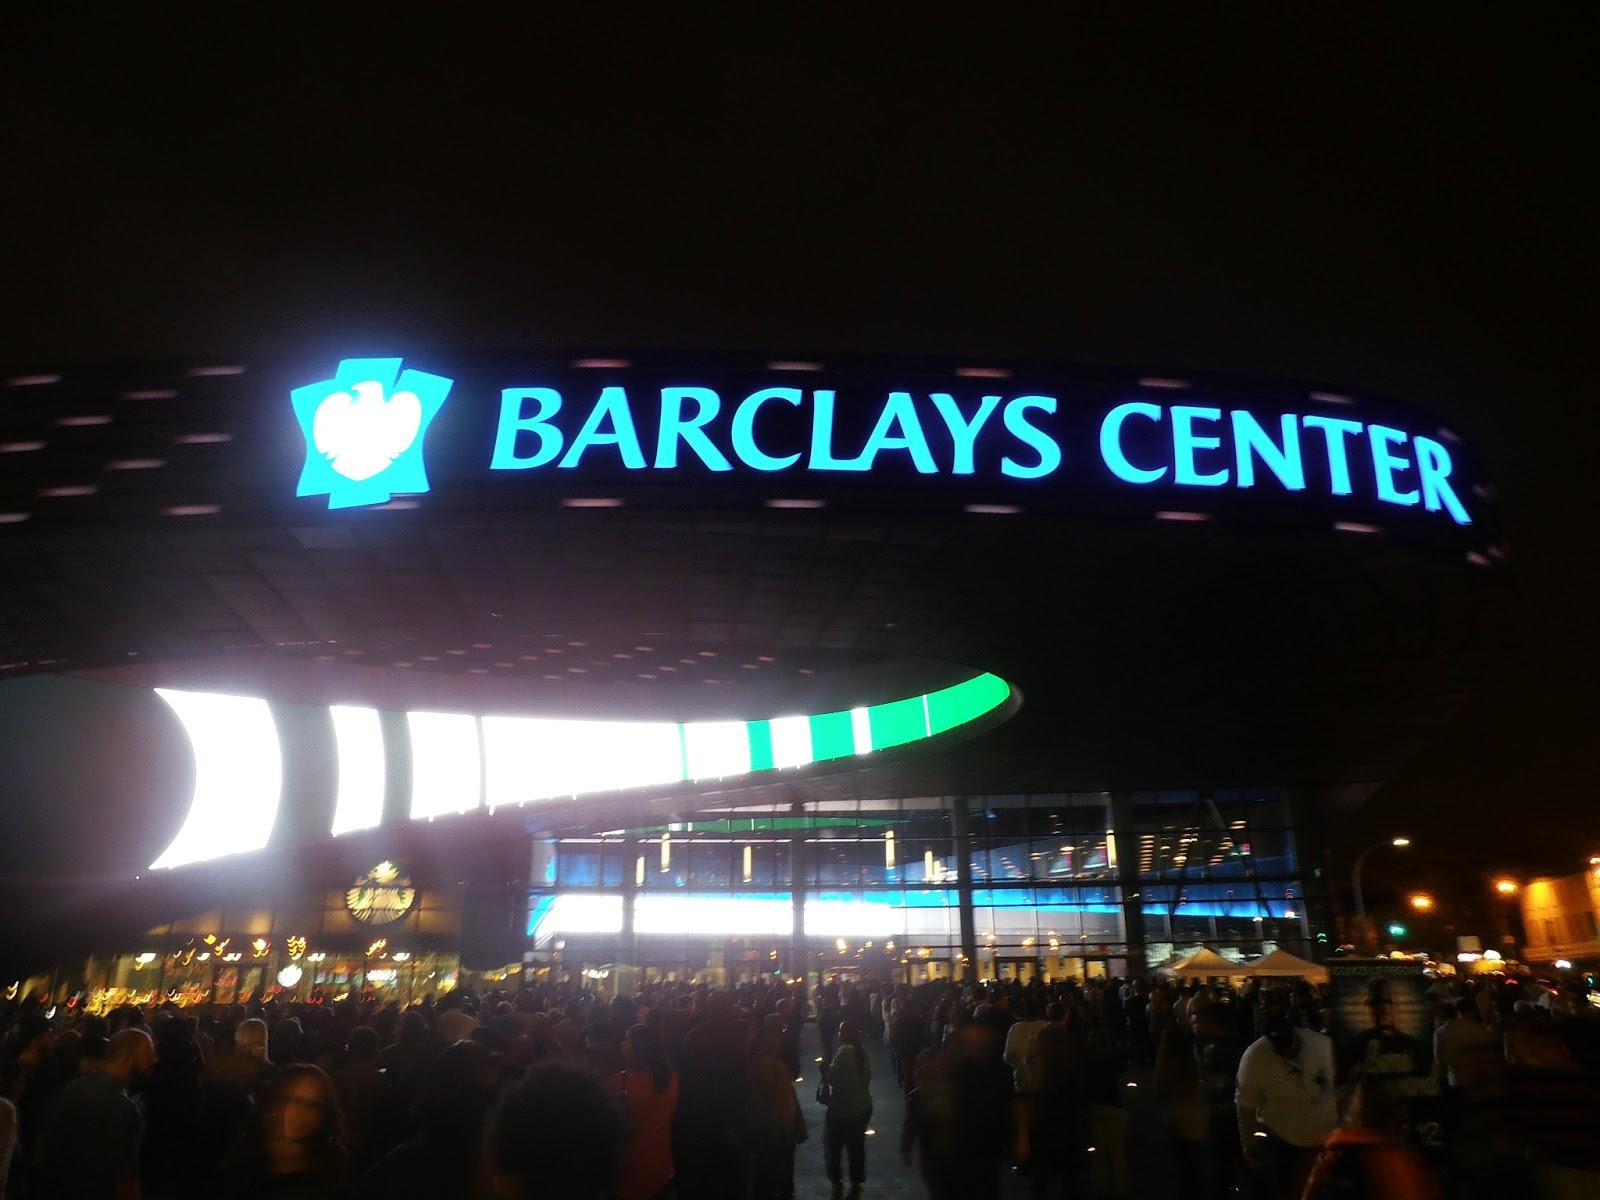 http://4.bp.blogspot.com/-g5kShX5K9cs/UTivfTU95UI/AAAAAAAABDg/veqeNQuIX9M/s1600/BarclaysCenter.jpg